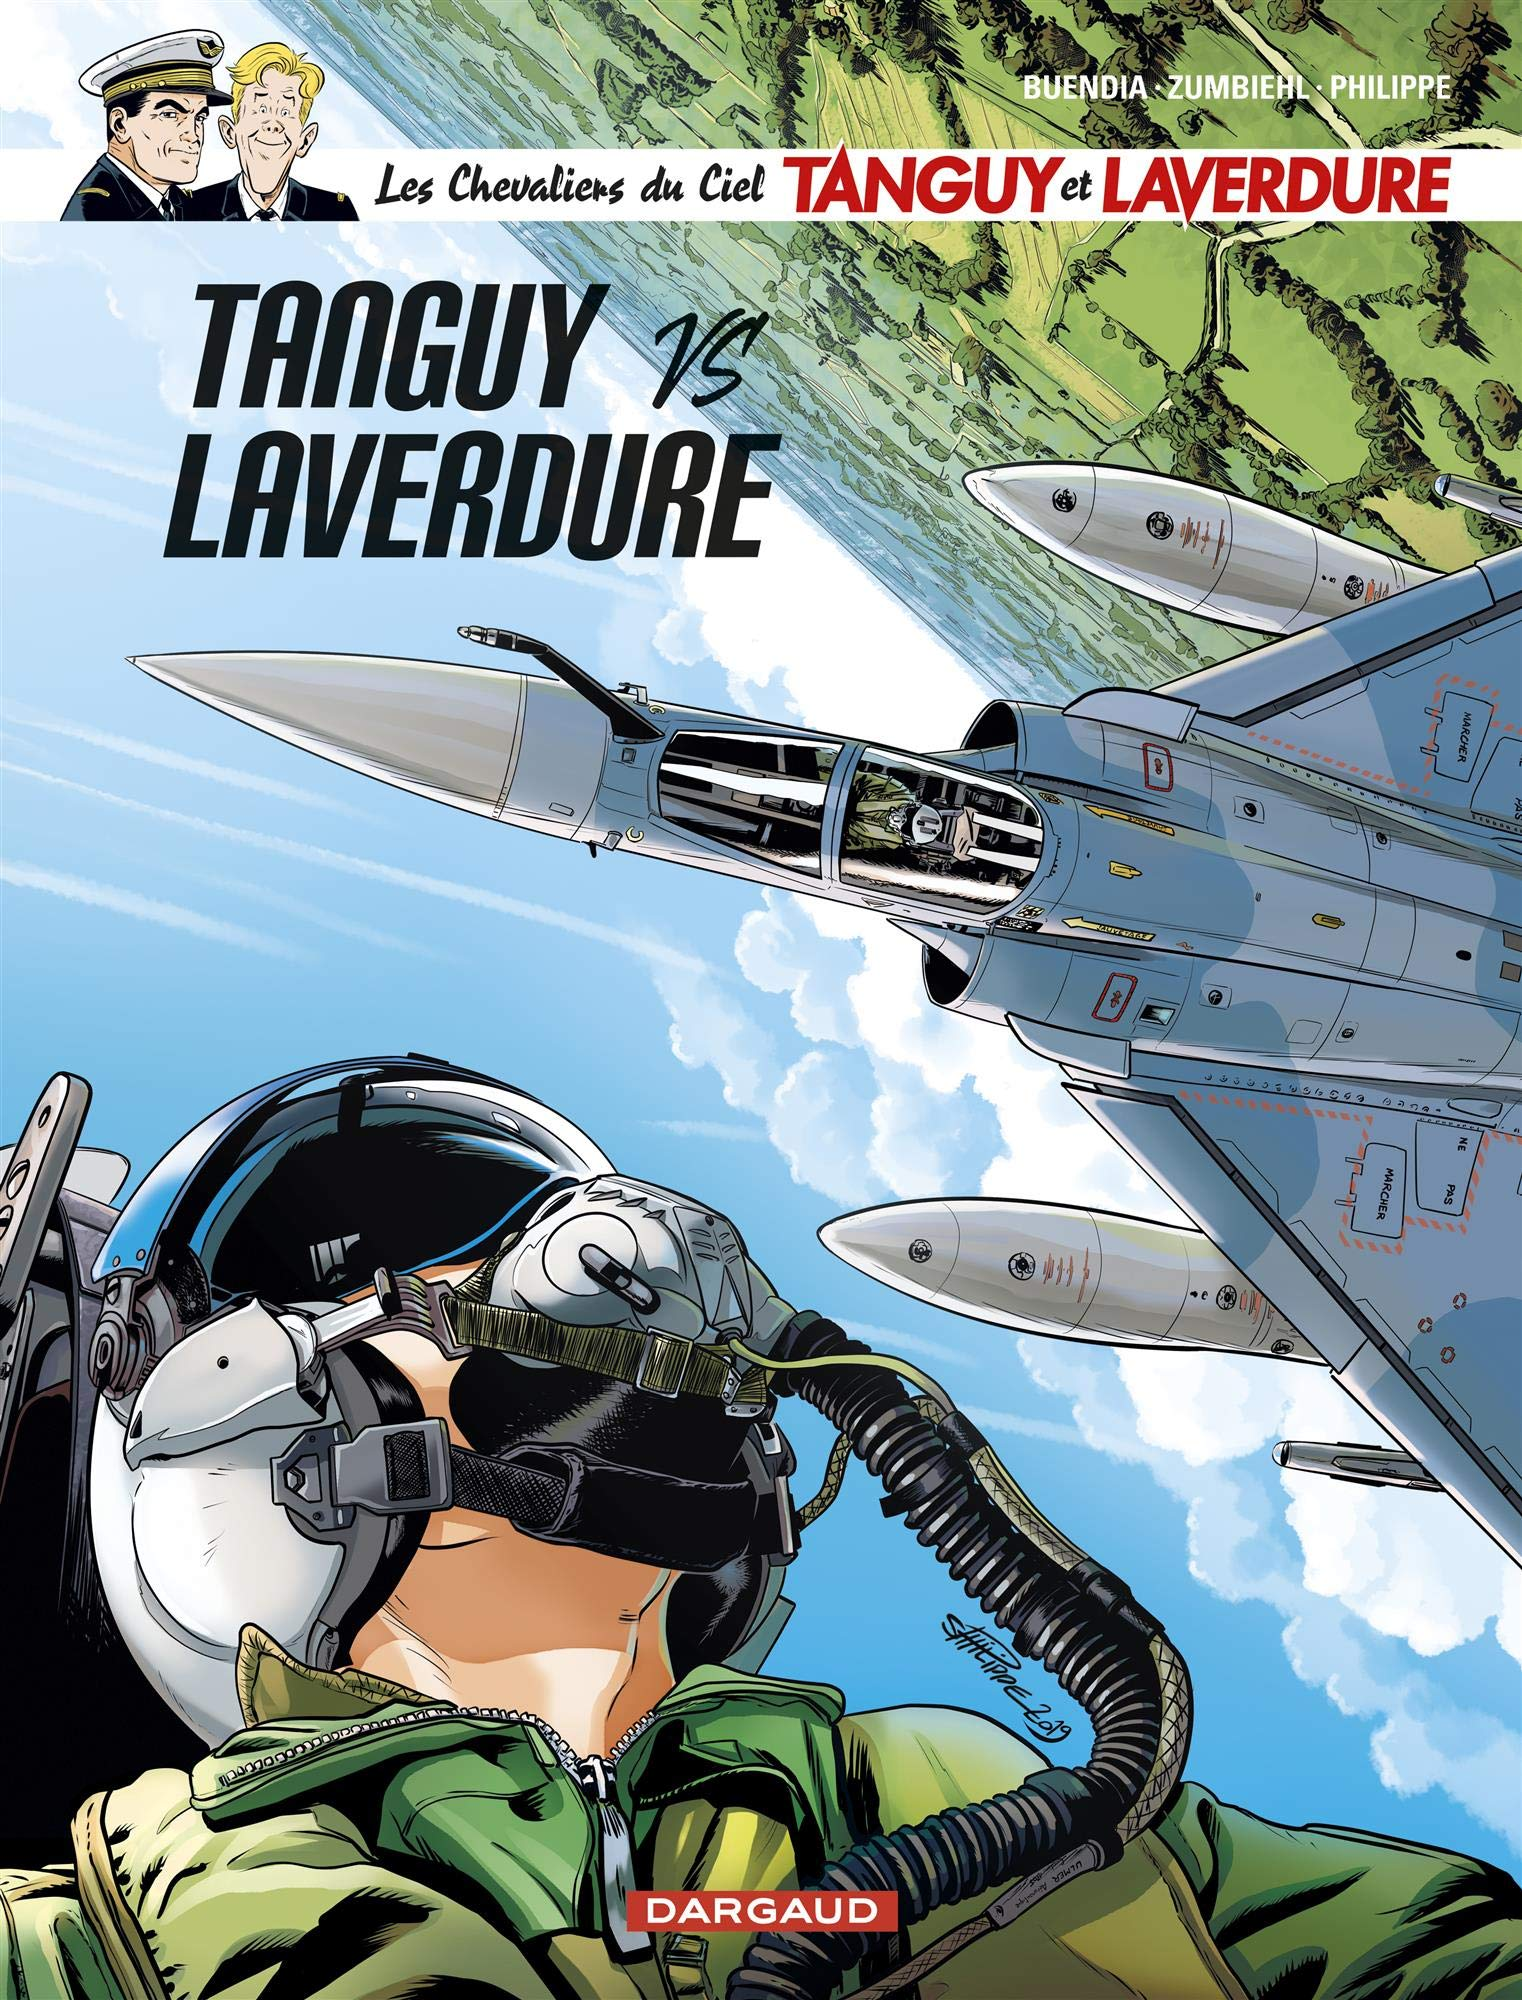 Les chevaliers du ciel Tanguy et Laverdure 9 - Tanguy vs. Laverdure